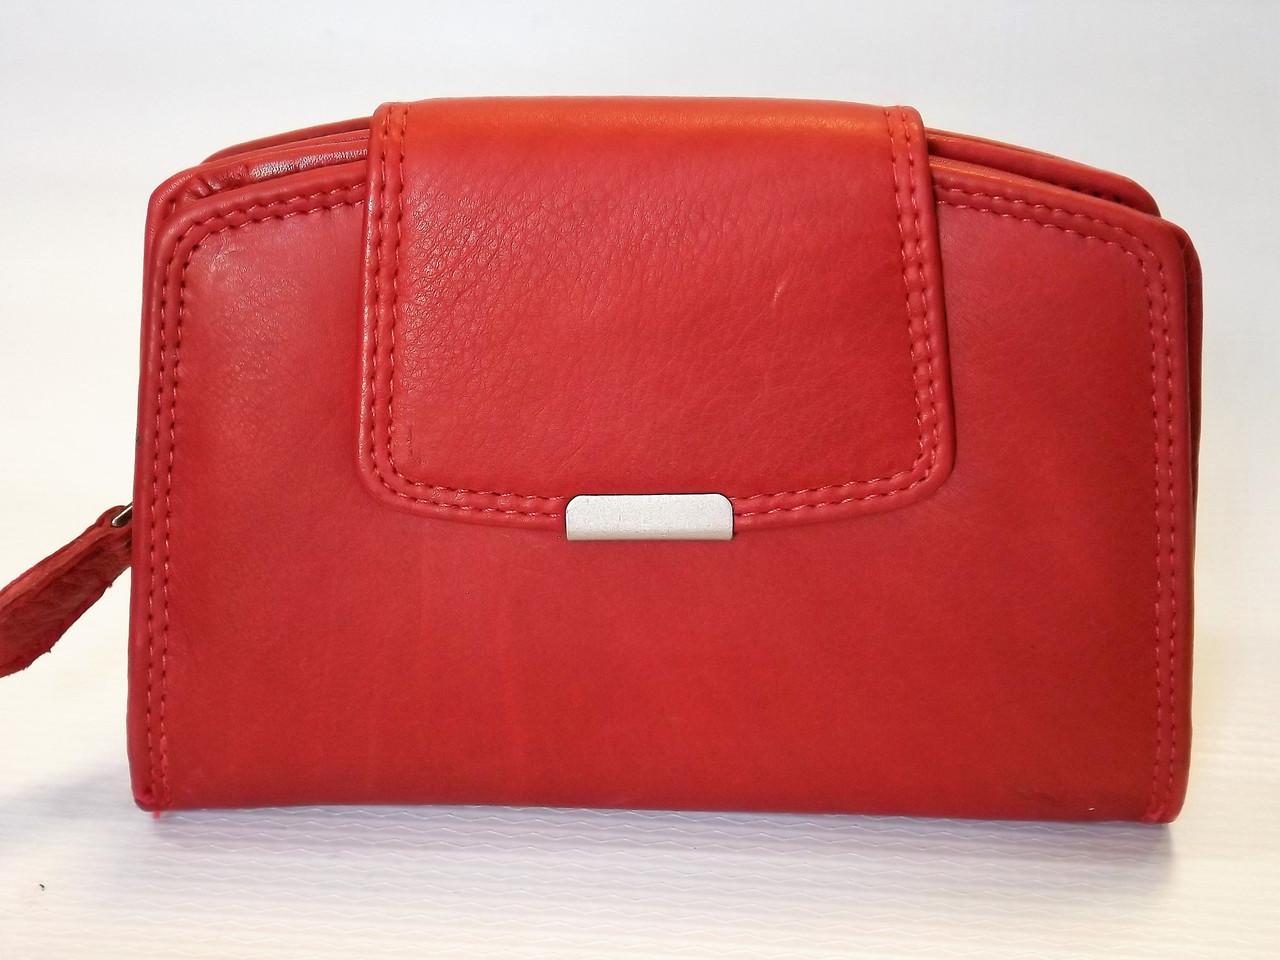 937511db0865 Кожаный кошелек женский MONEY MAKER 510 красный Германия - интернет-магазин